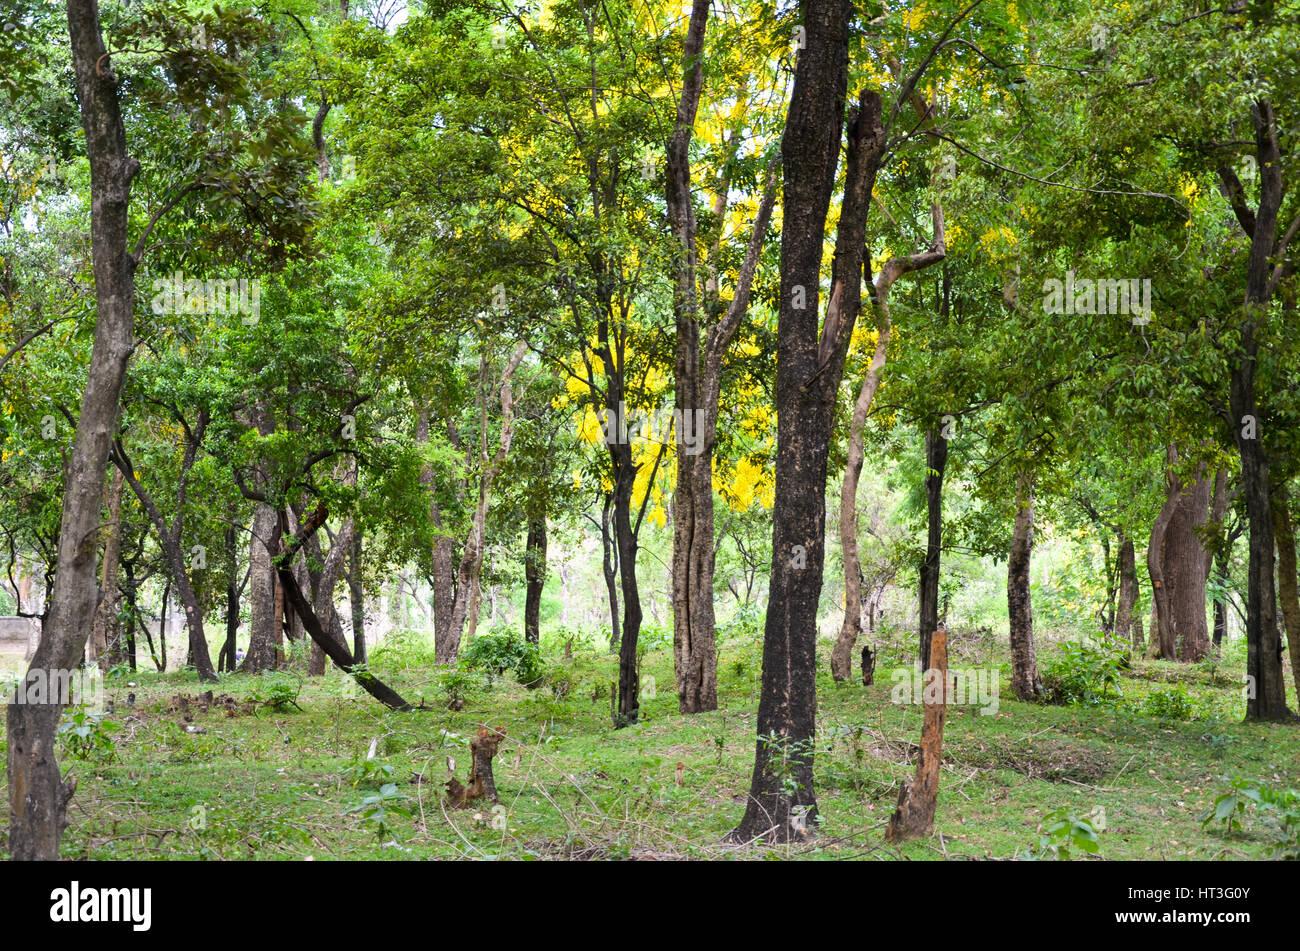 Sandalwood forest at Marayoor, near Munnar, Kerala, India Stock